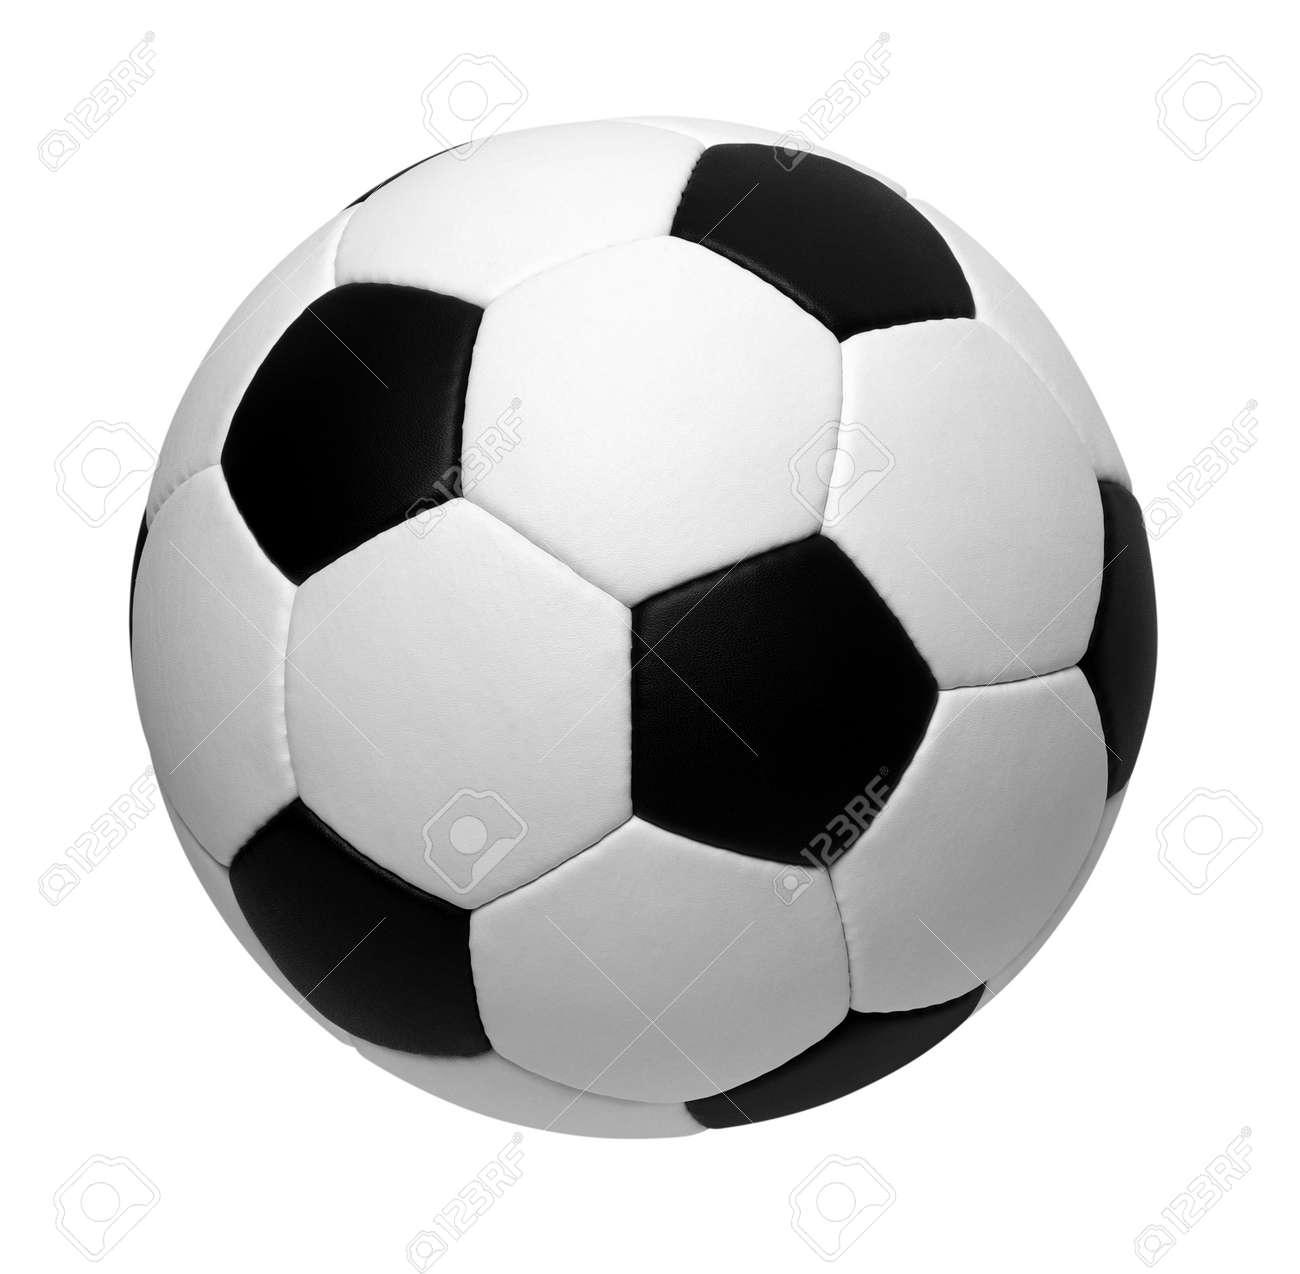 un ballon de soccer isol? sur blanc Banque d'images - 49026050